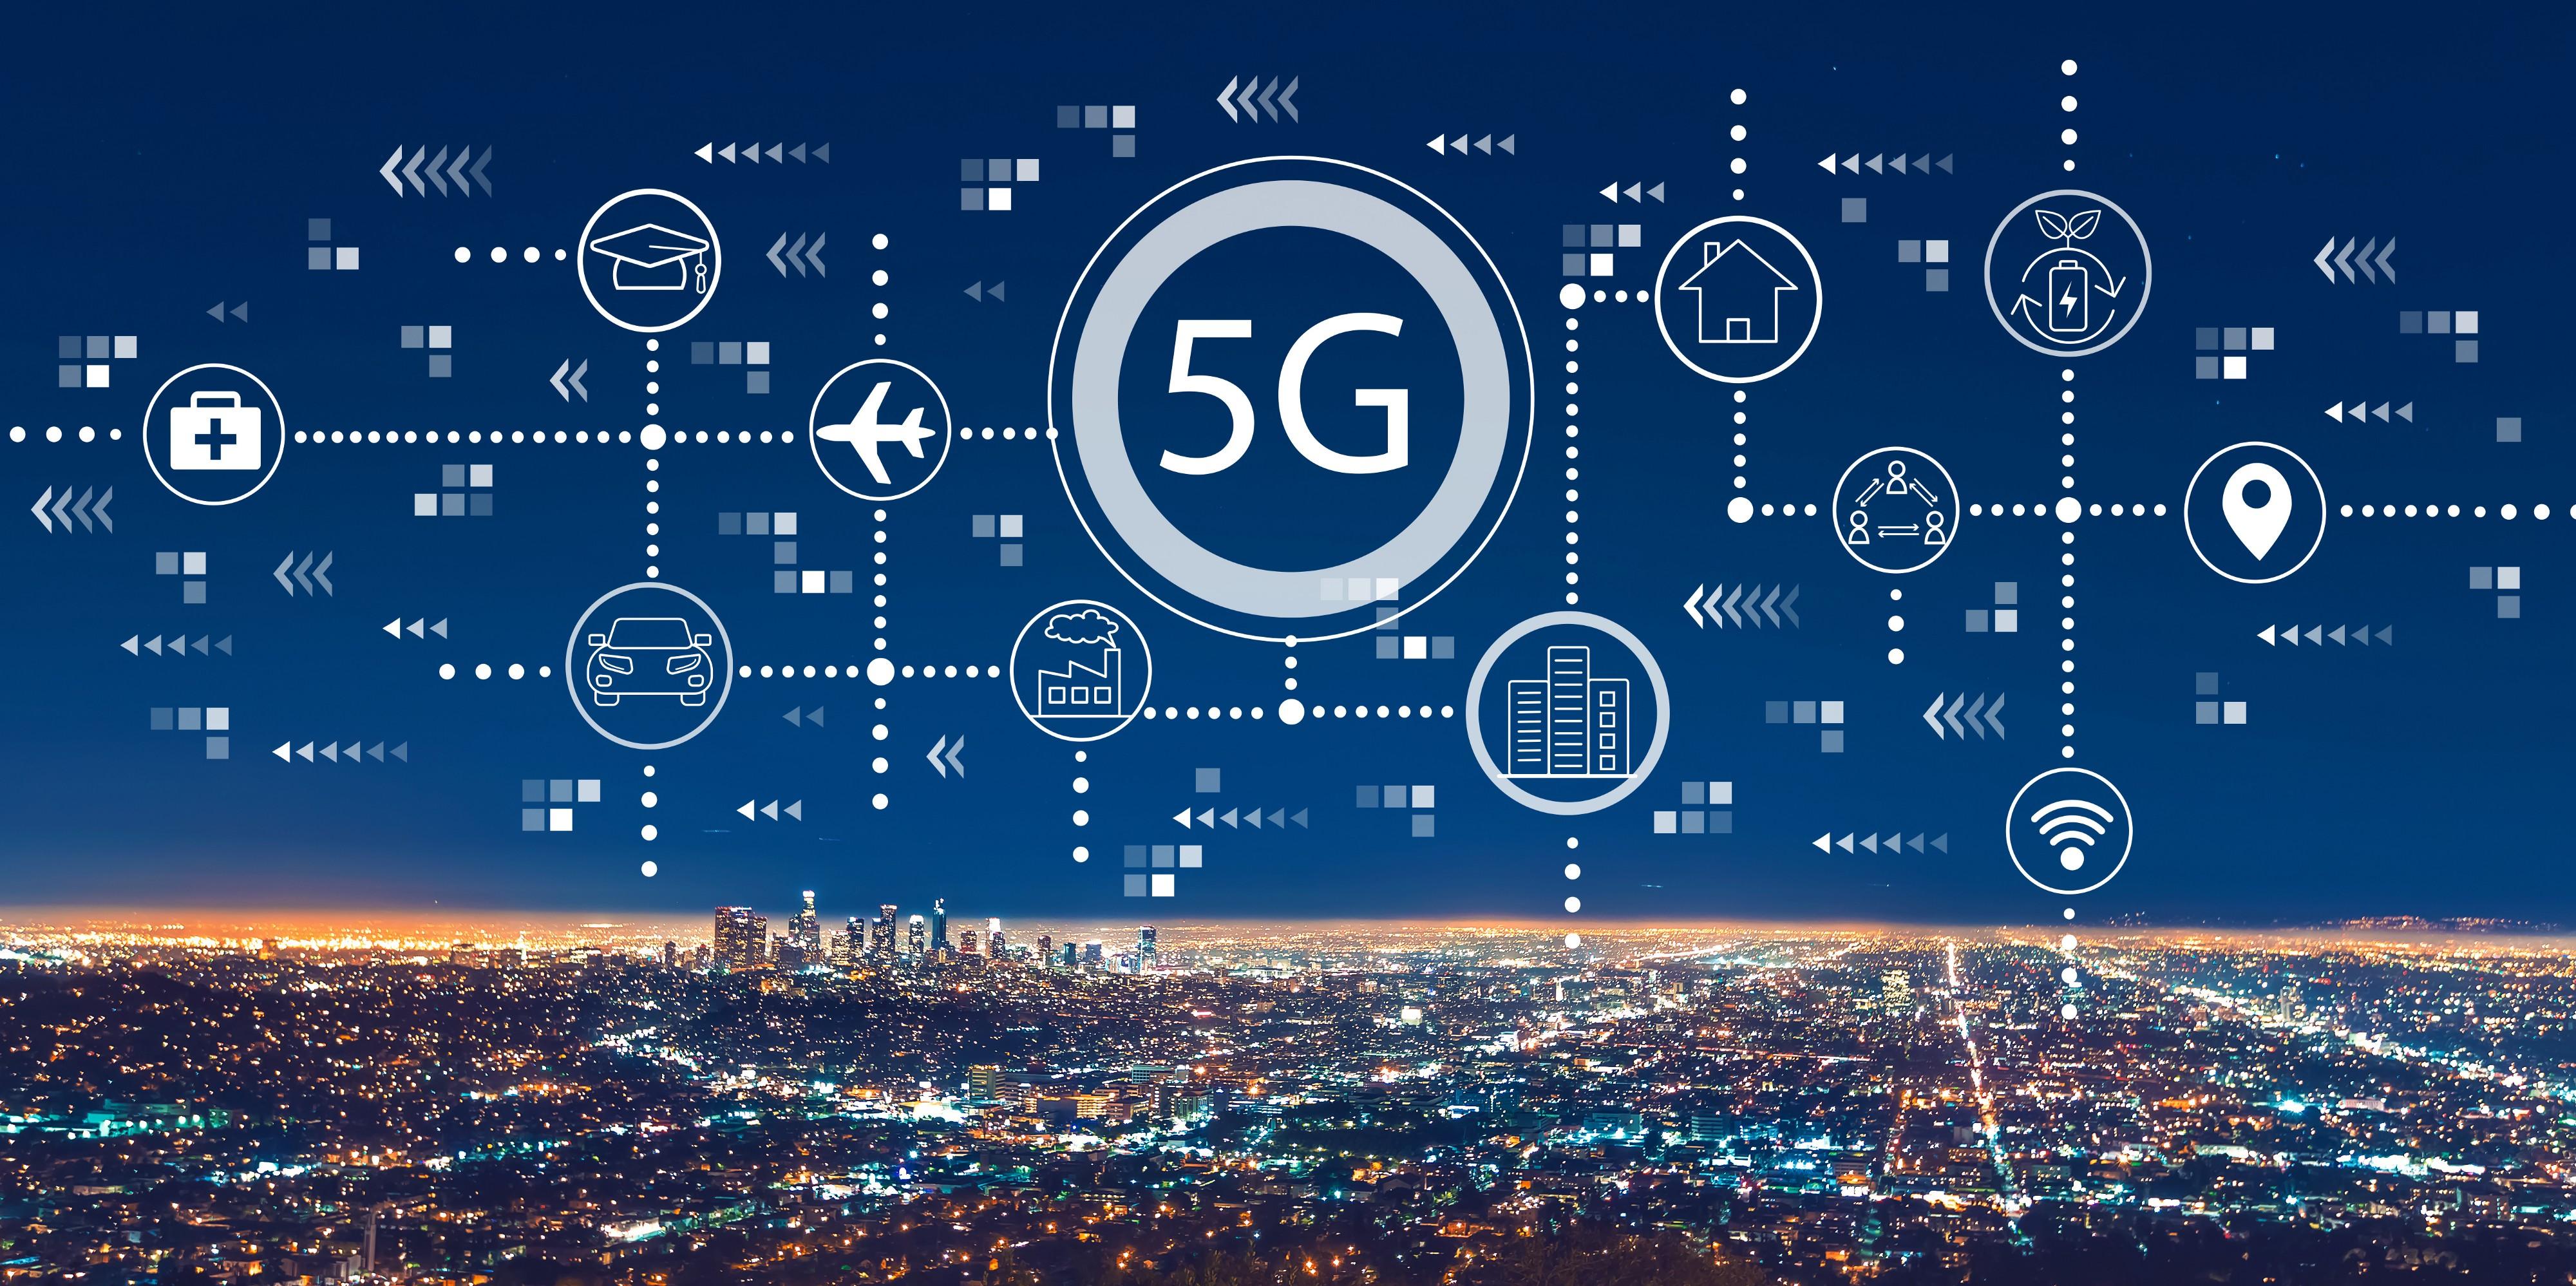 Chính thức công bố tiêu chuẩn chất lượng mạng 5G tại Việt Nam